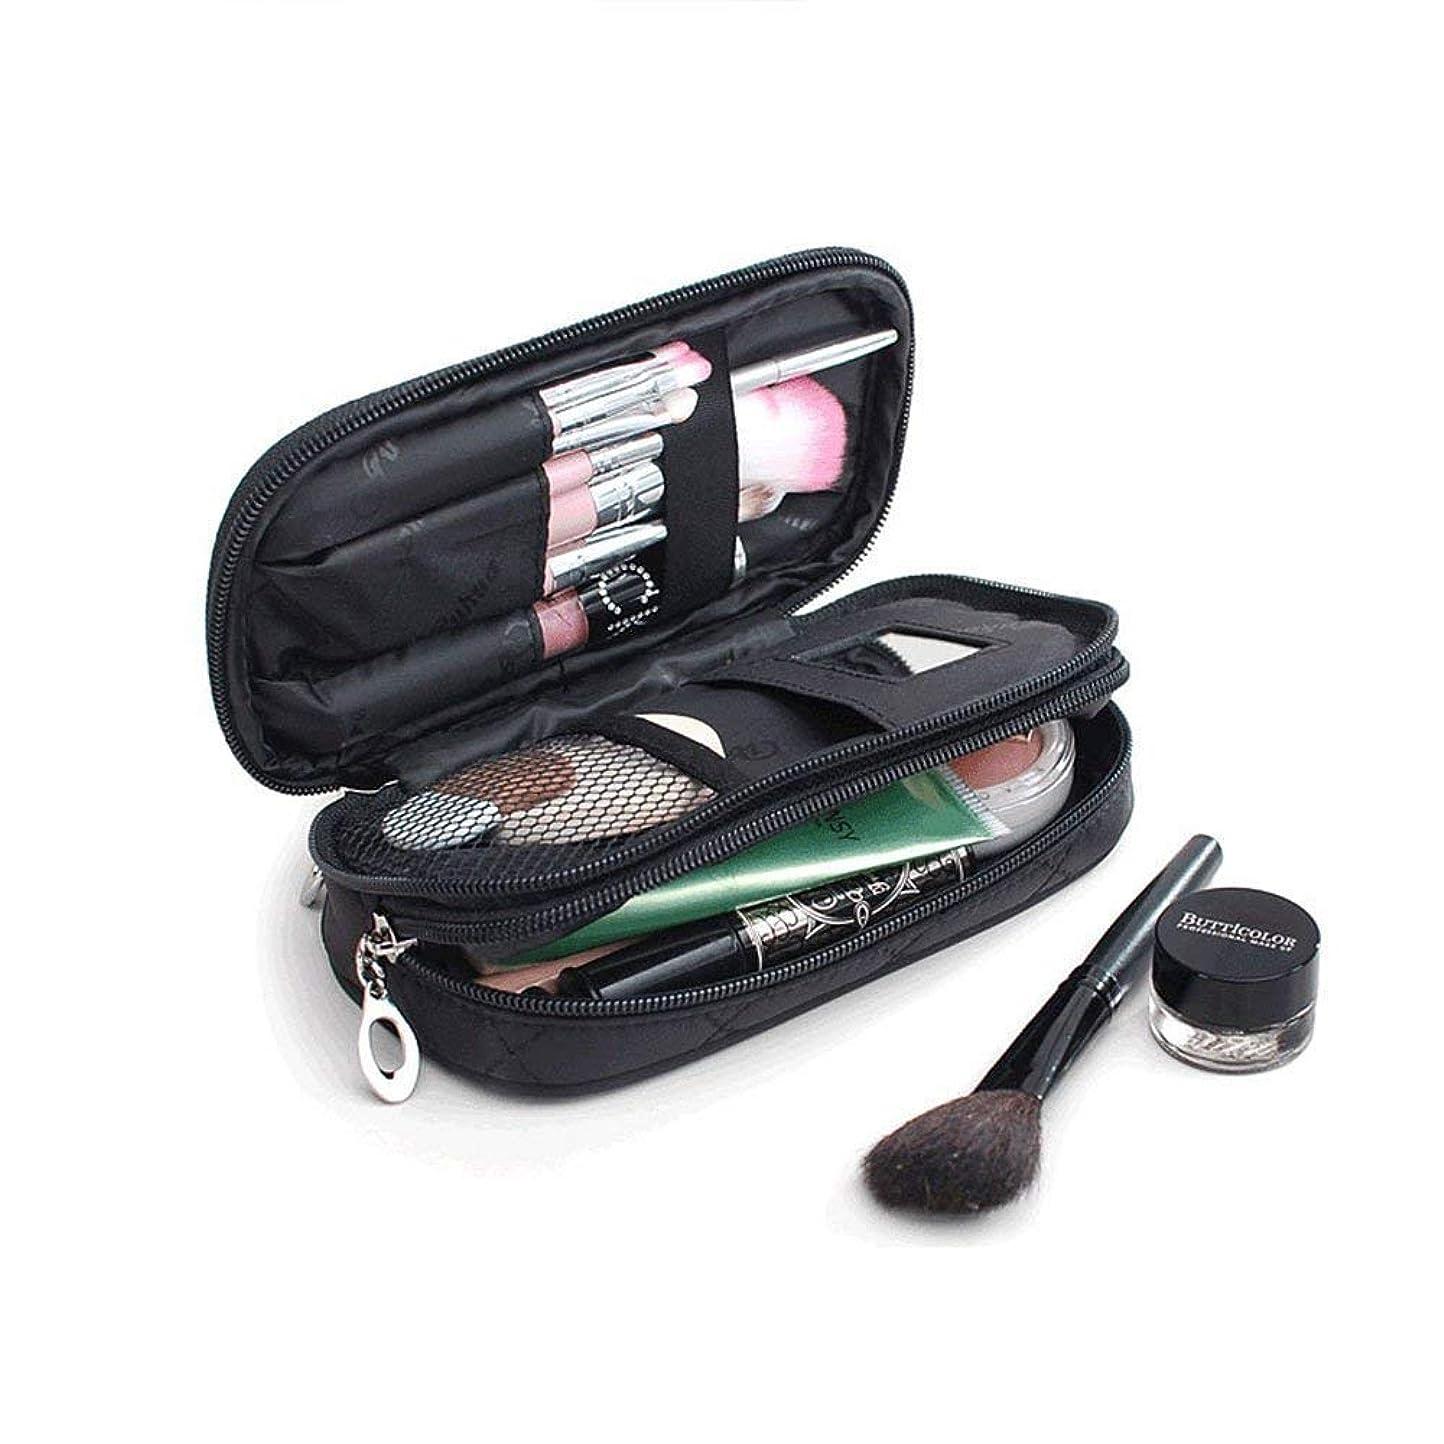 サントレード 化粧ポーチ 鏡付き メイクアップバッグ 化粧バッグ 小物入れ 収納 オーガナイザー